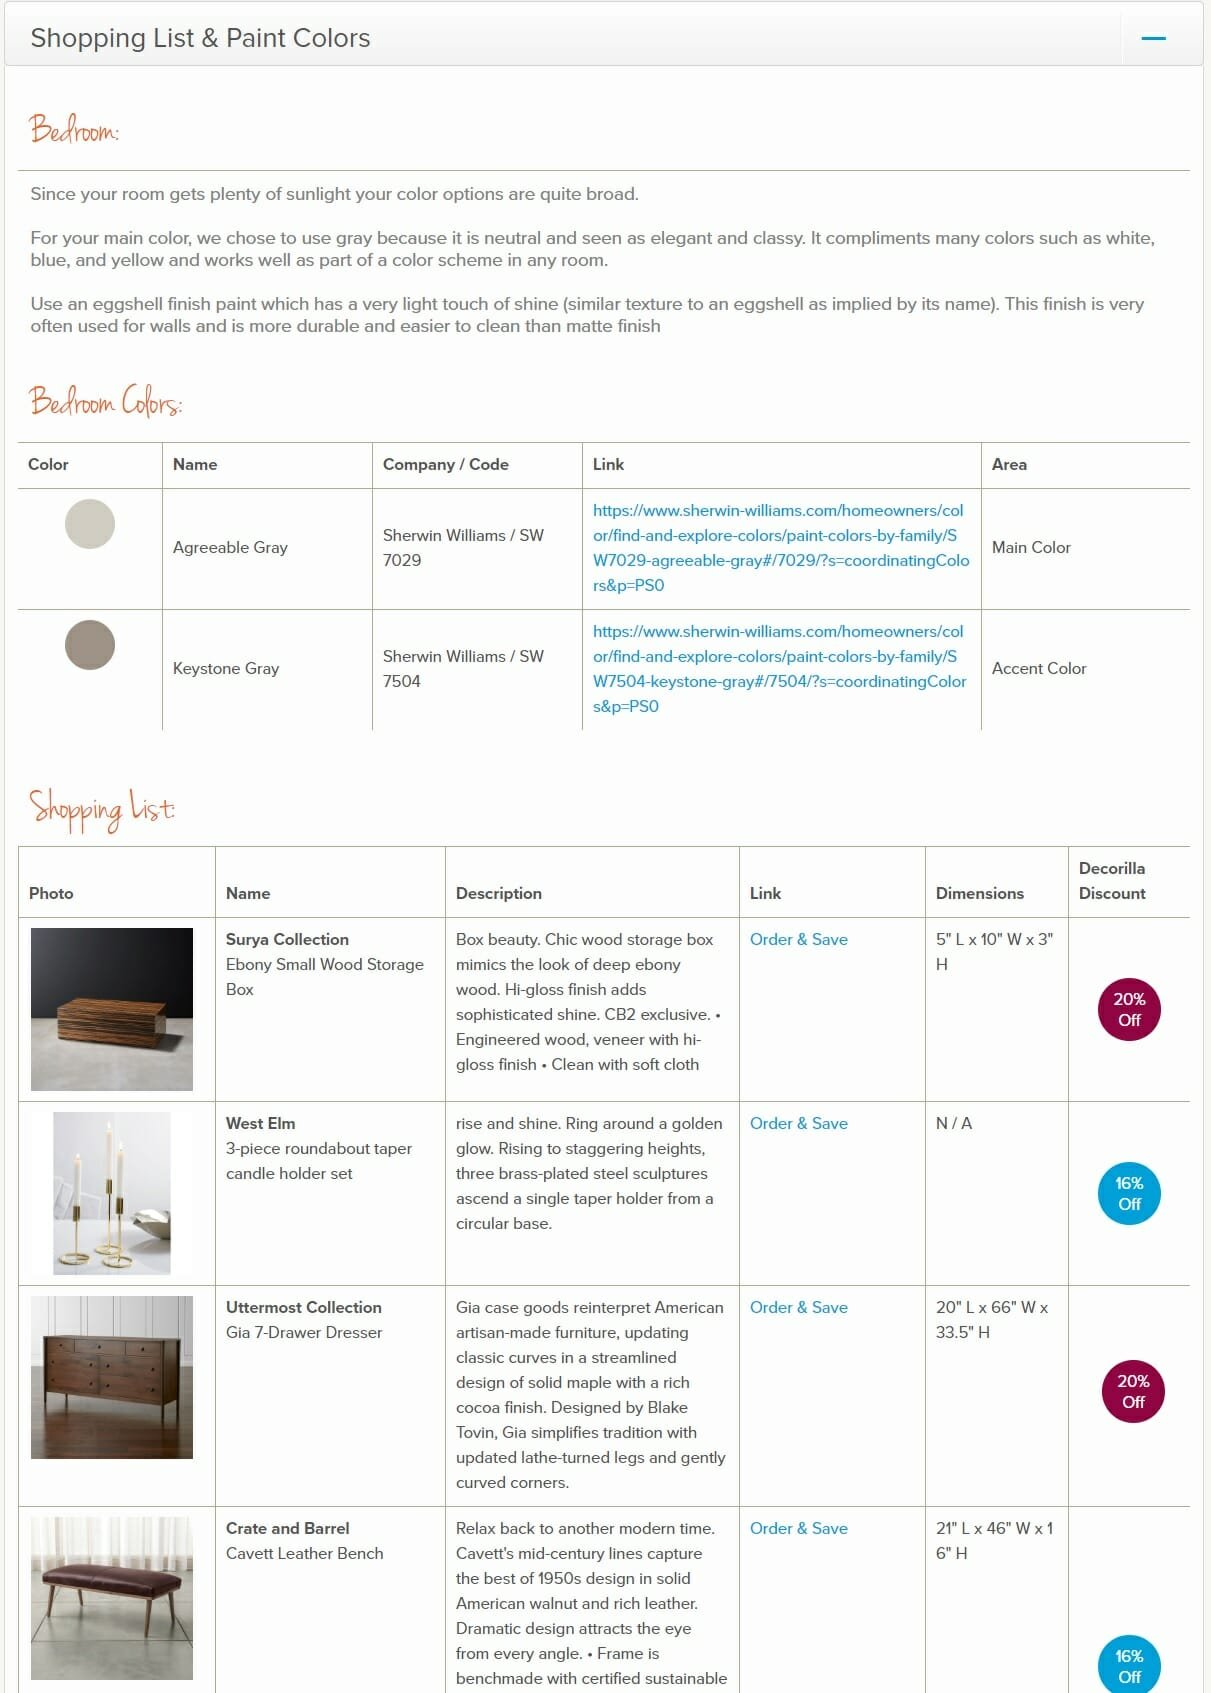 decorilla vs decorist comparison shopping list